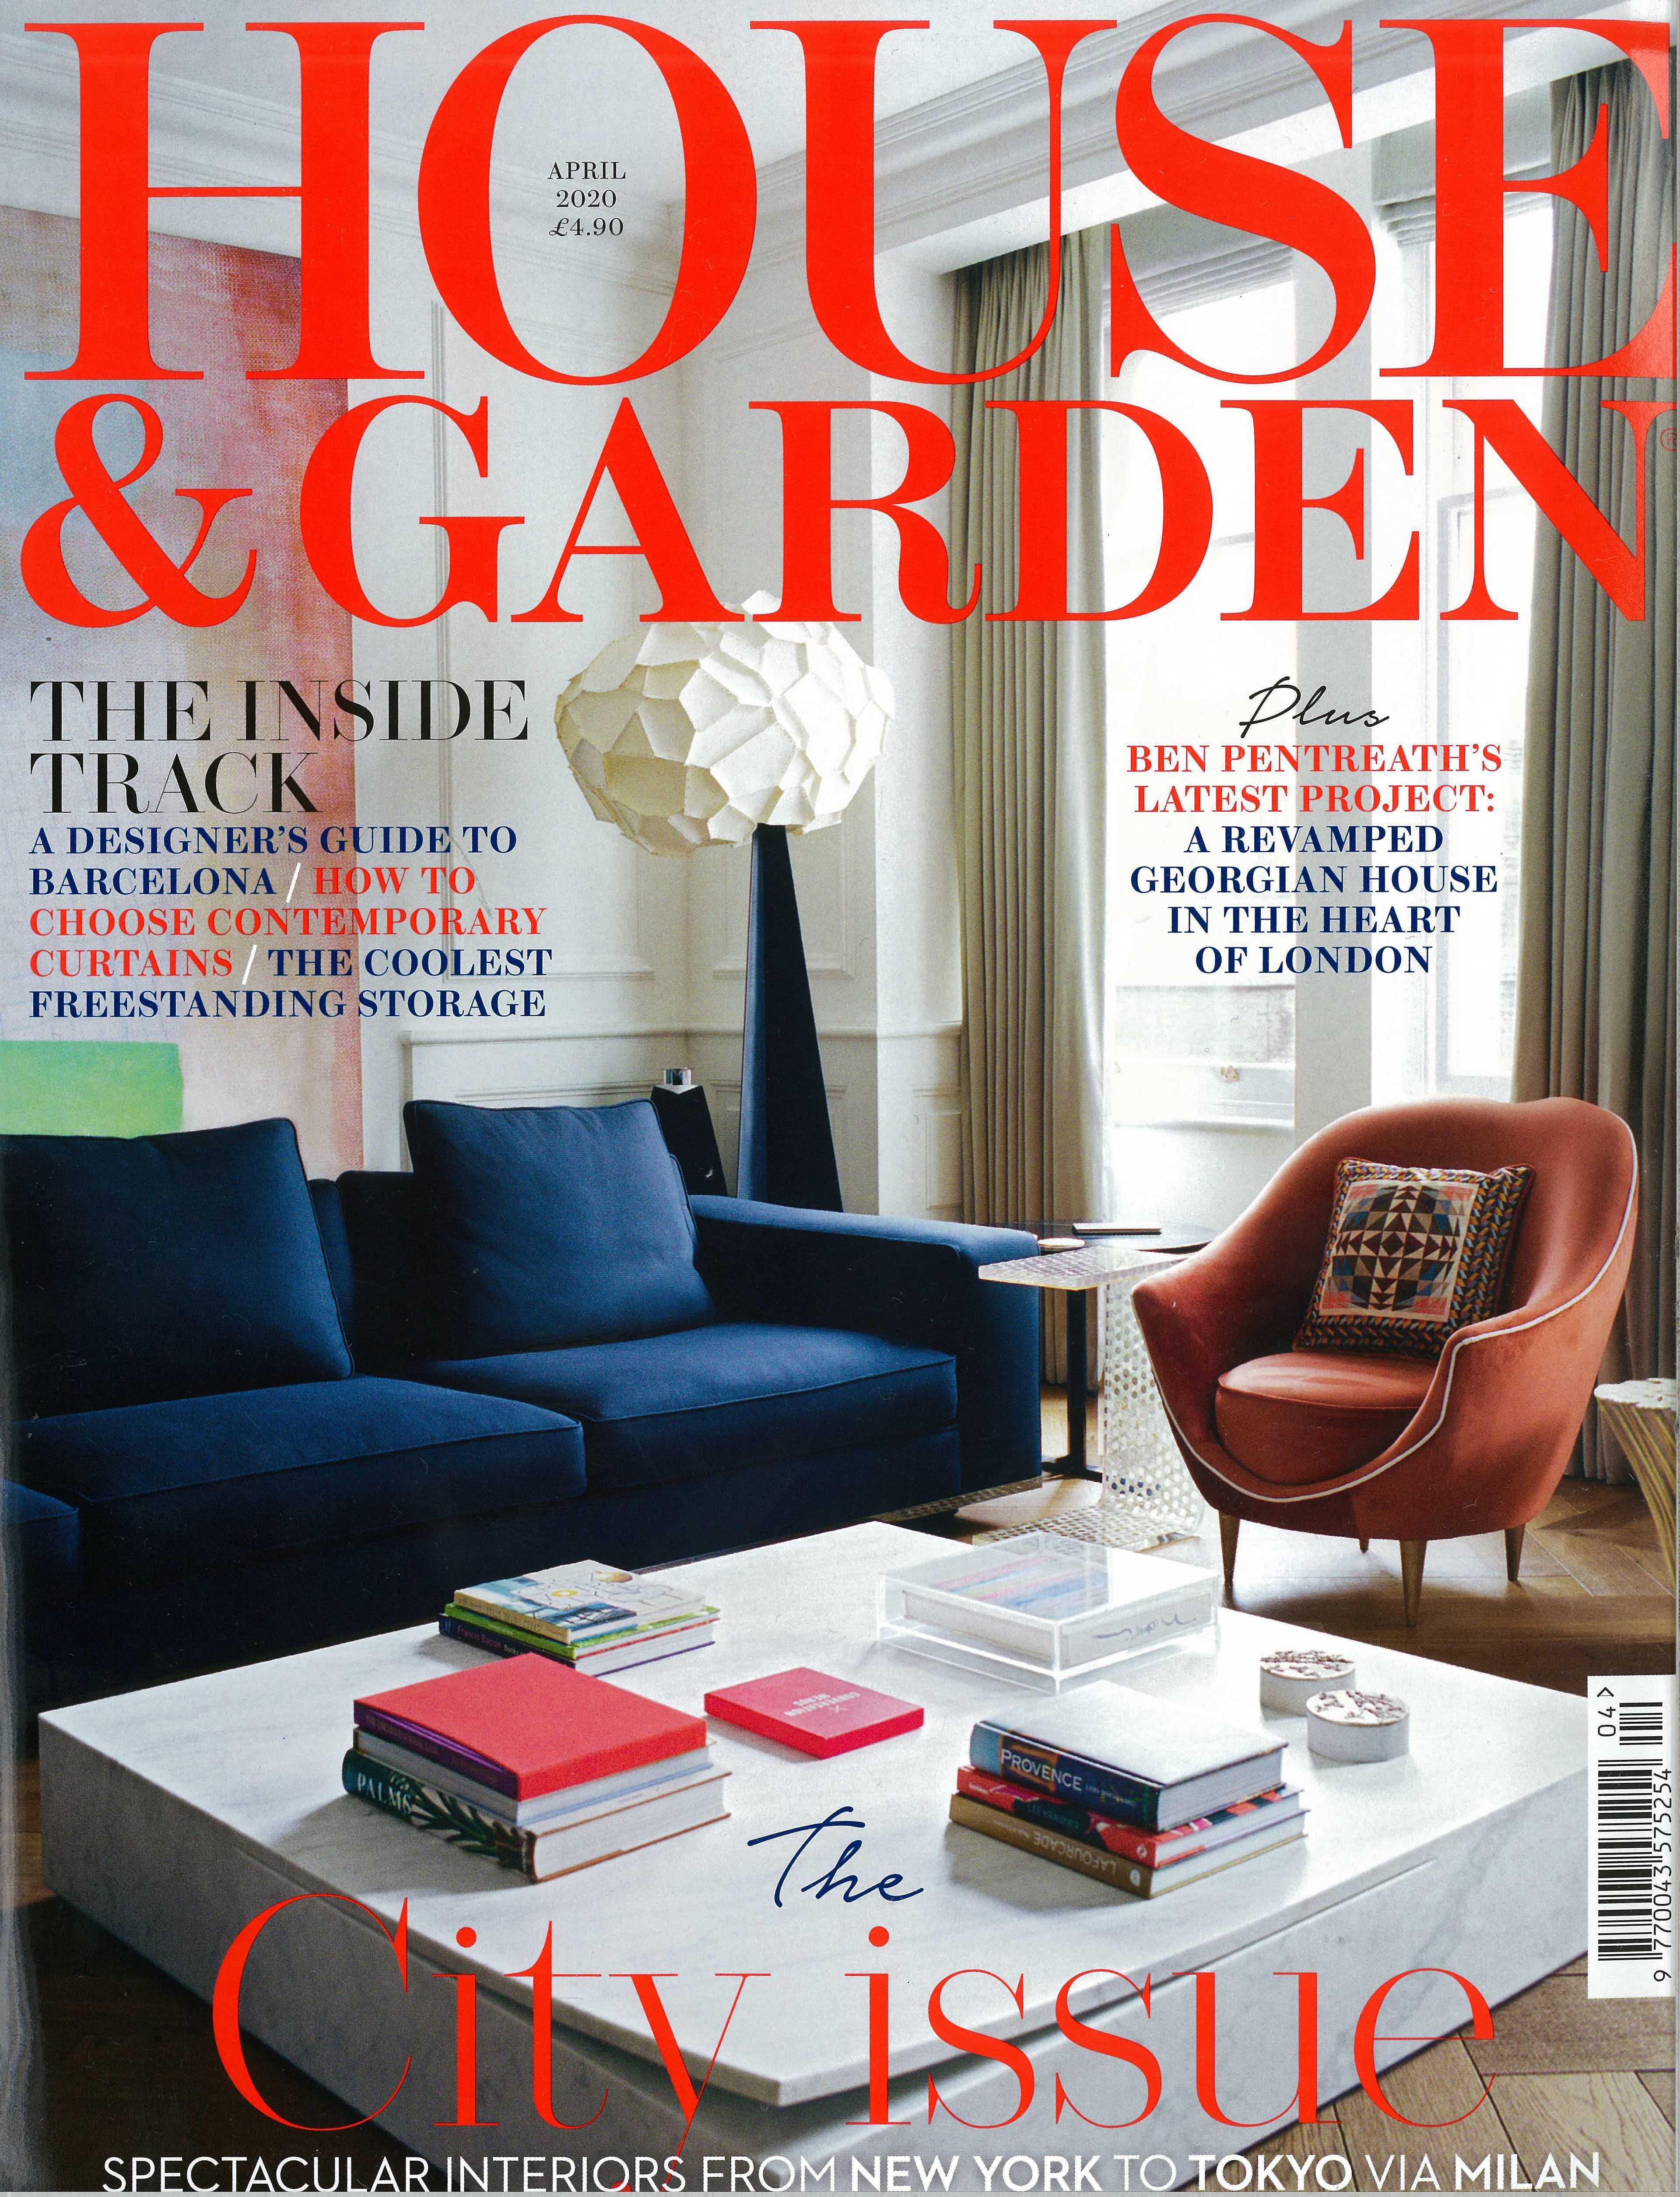 House & Garden April 2020